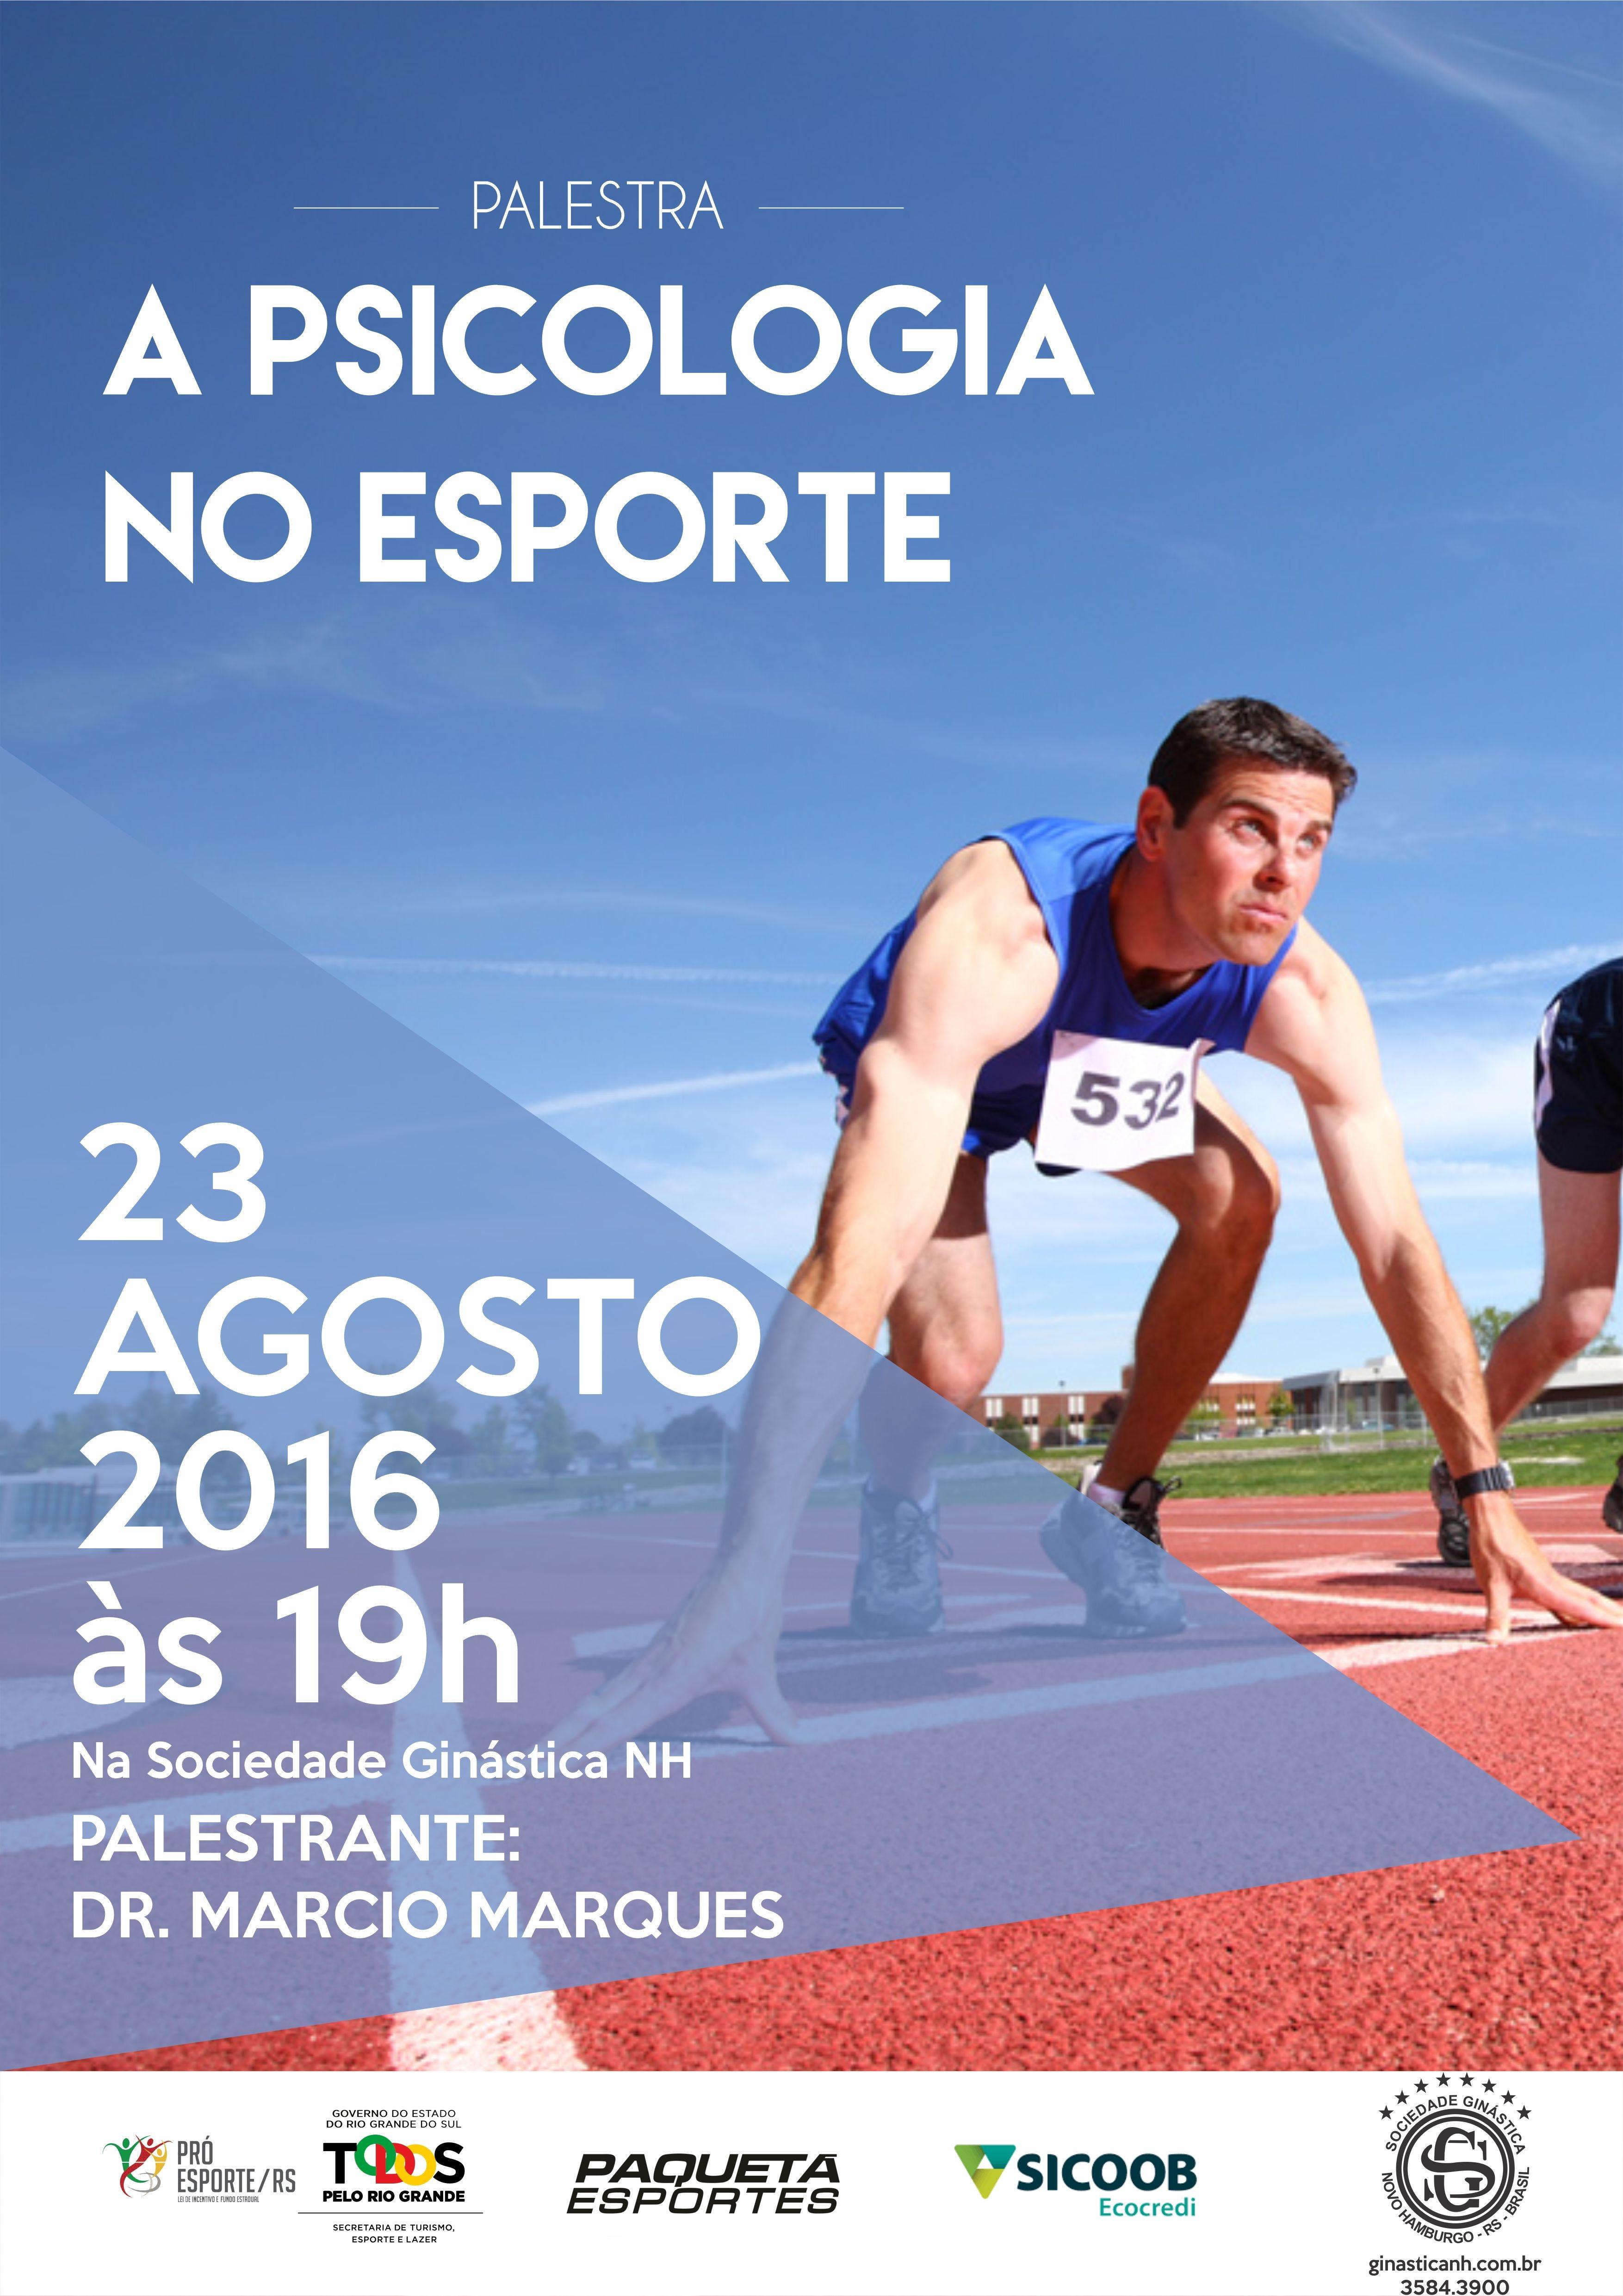 Voleisul/Paquetá Esportes promove palestra gratuita com especialista em psicologia aplicada ao esporte